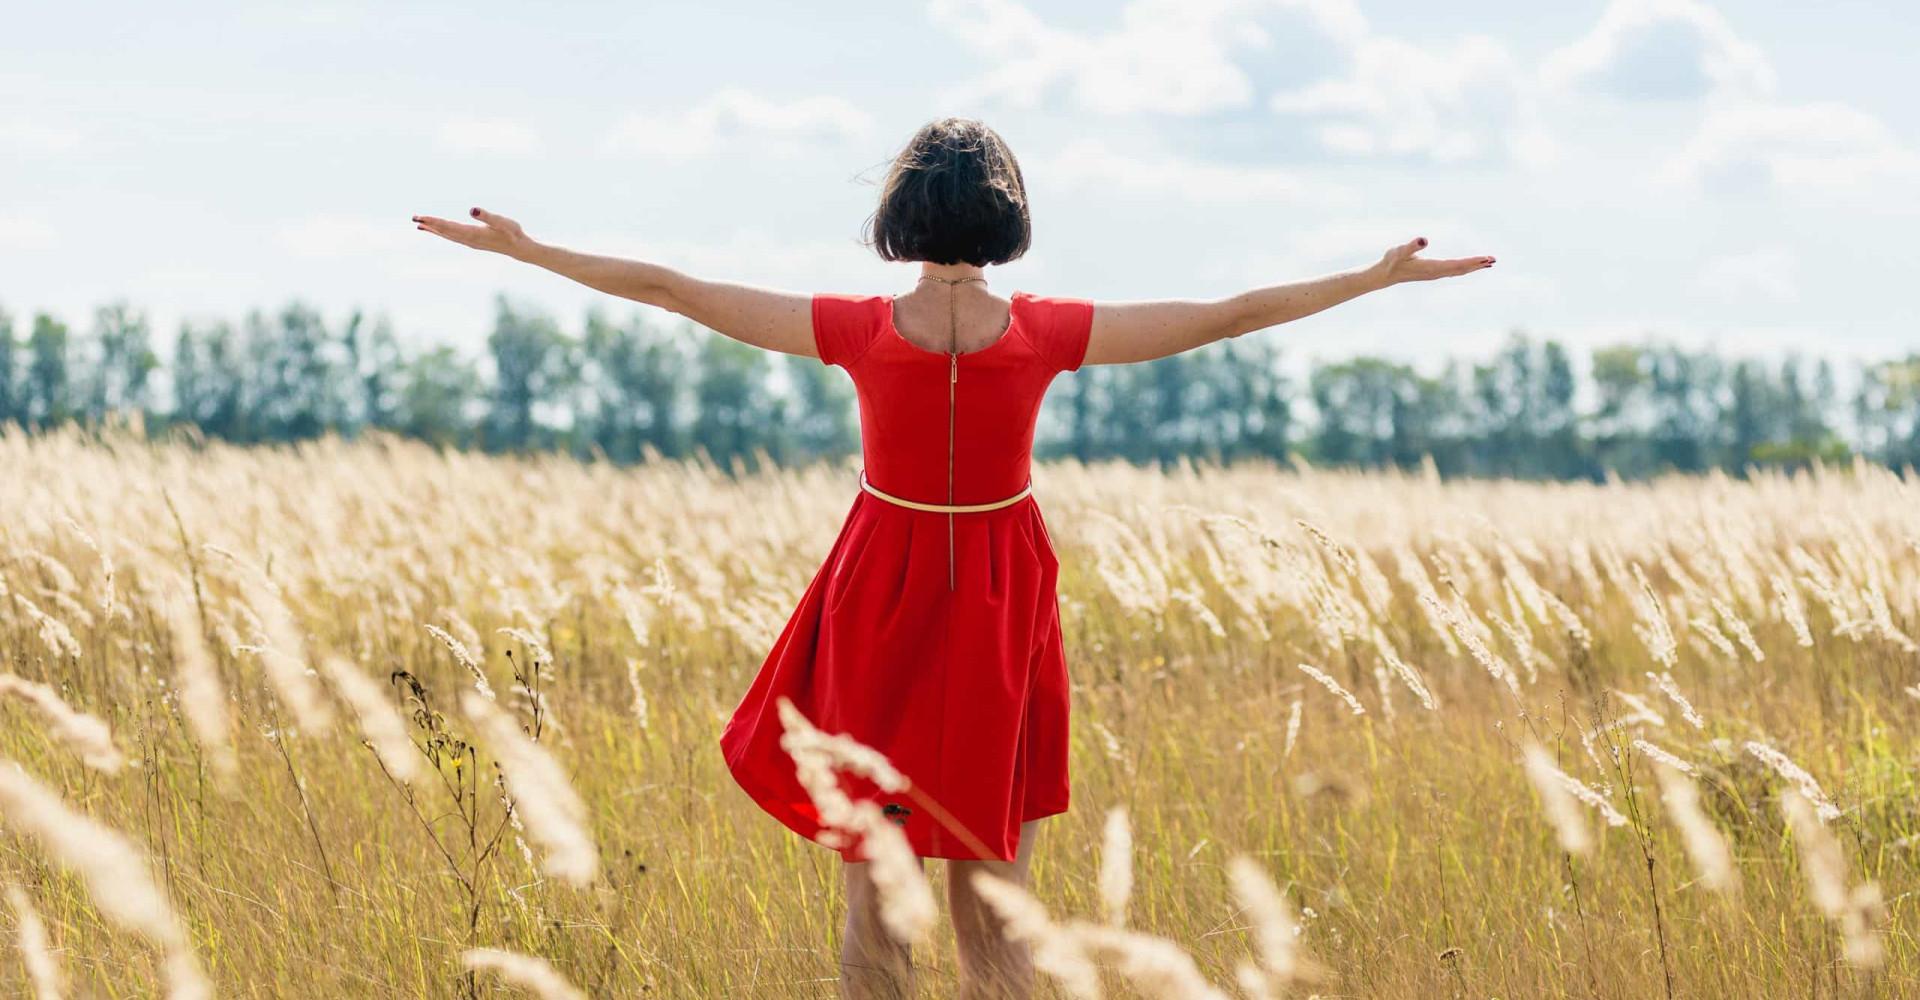 Laat deze 6 dingen los dit jaar en ervaar meer geluk